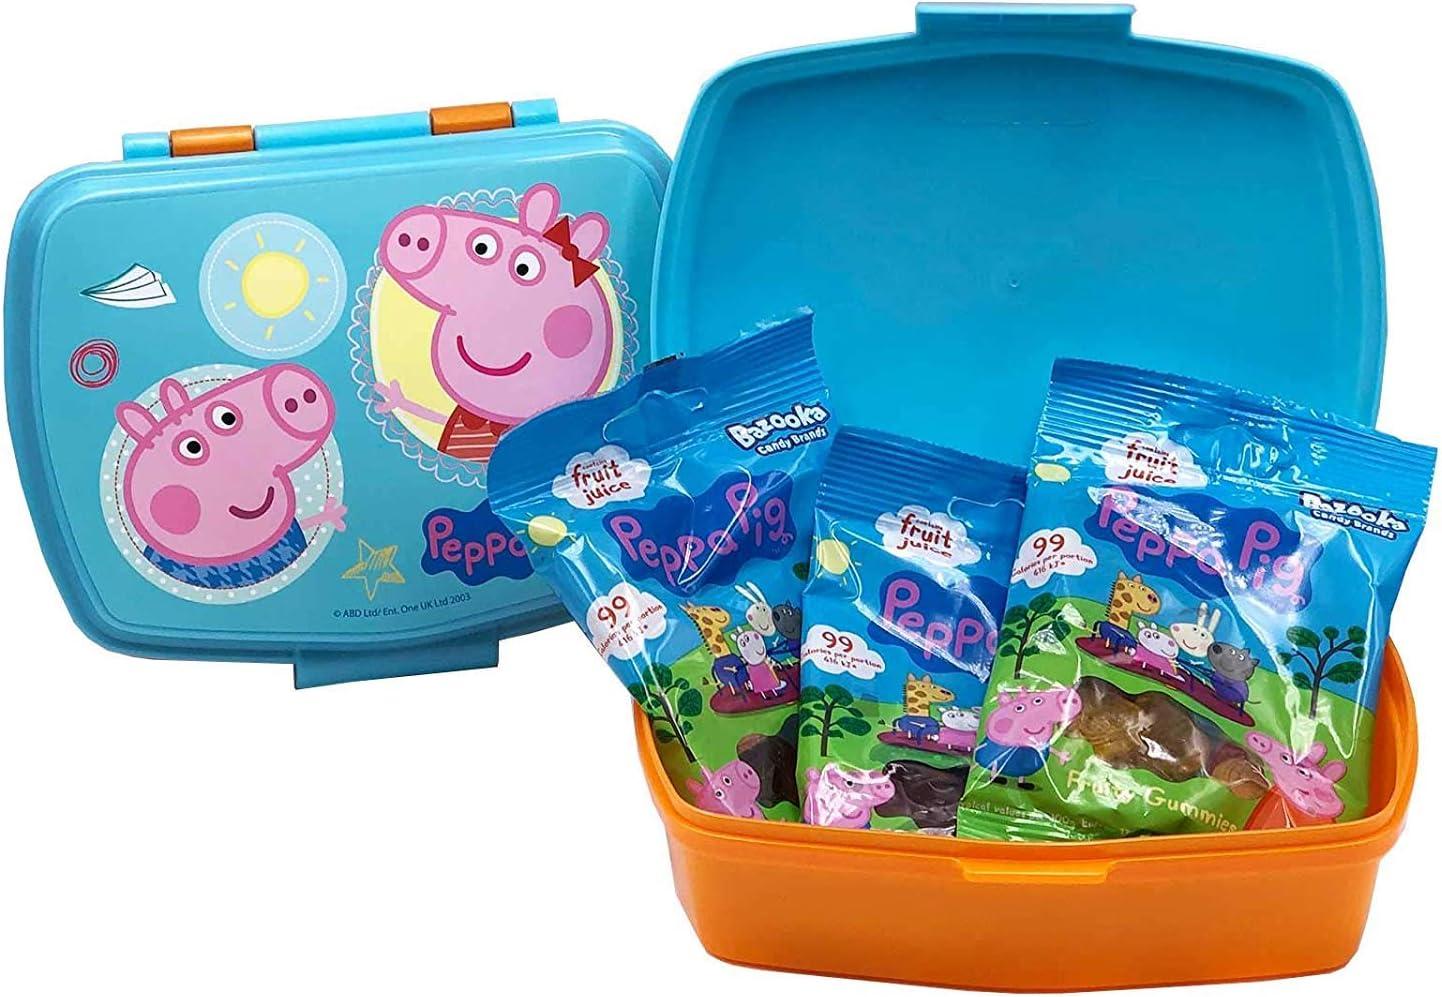 Brotdose Peppa Wutz Lunchbox mit 3 F/ächern Kindergarten oder Freizeit ideal f/ür Schule Bento Brotbox f/ür Kinder